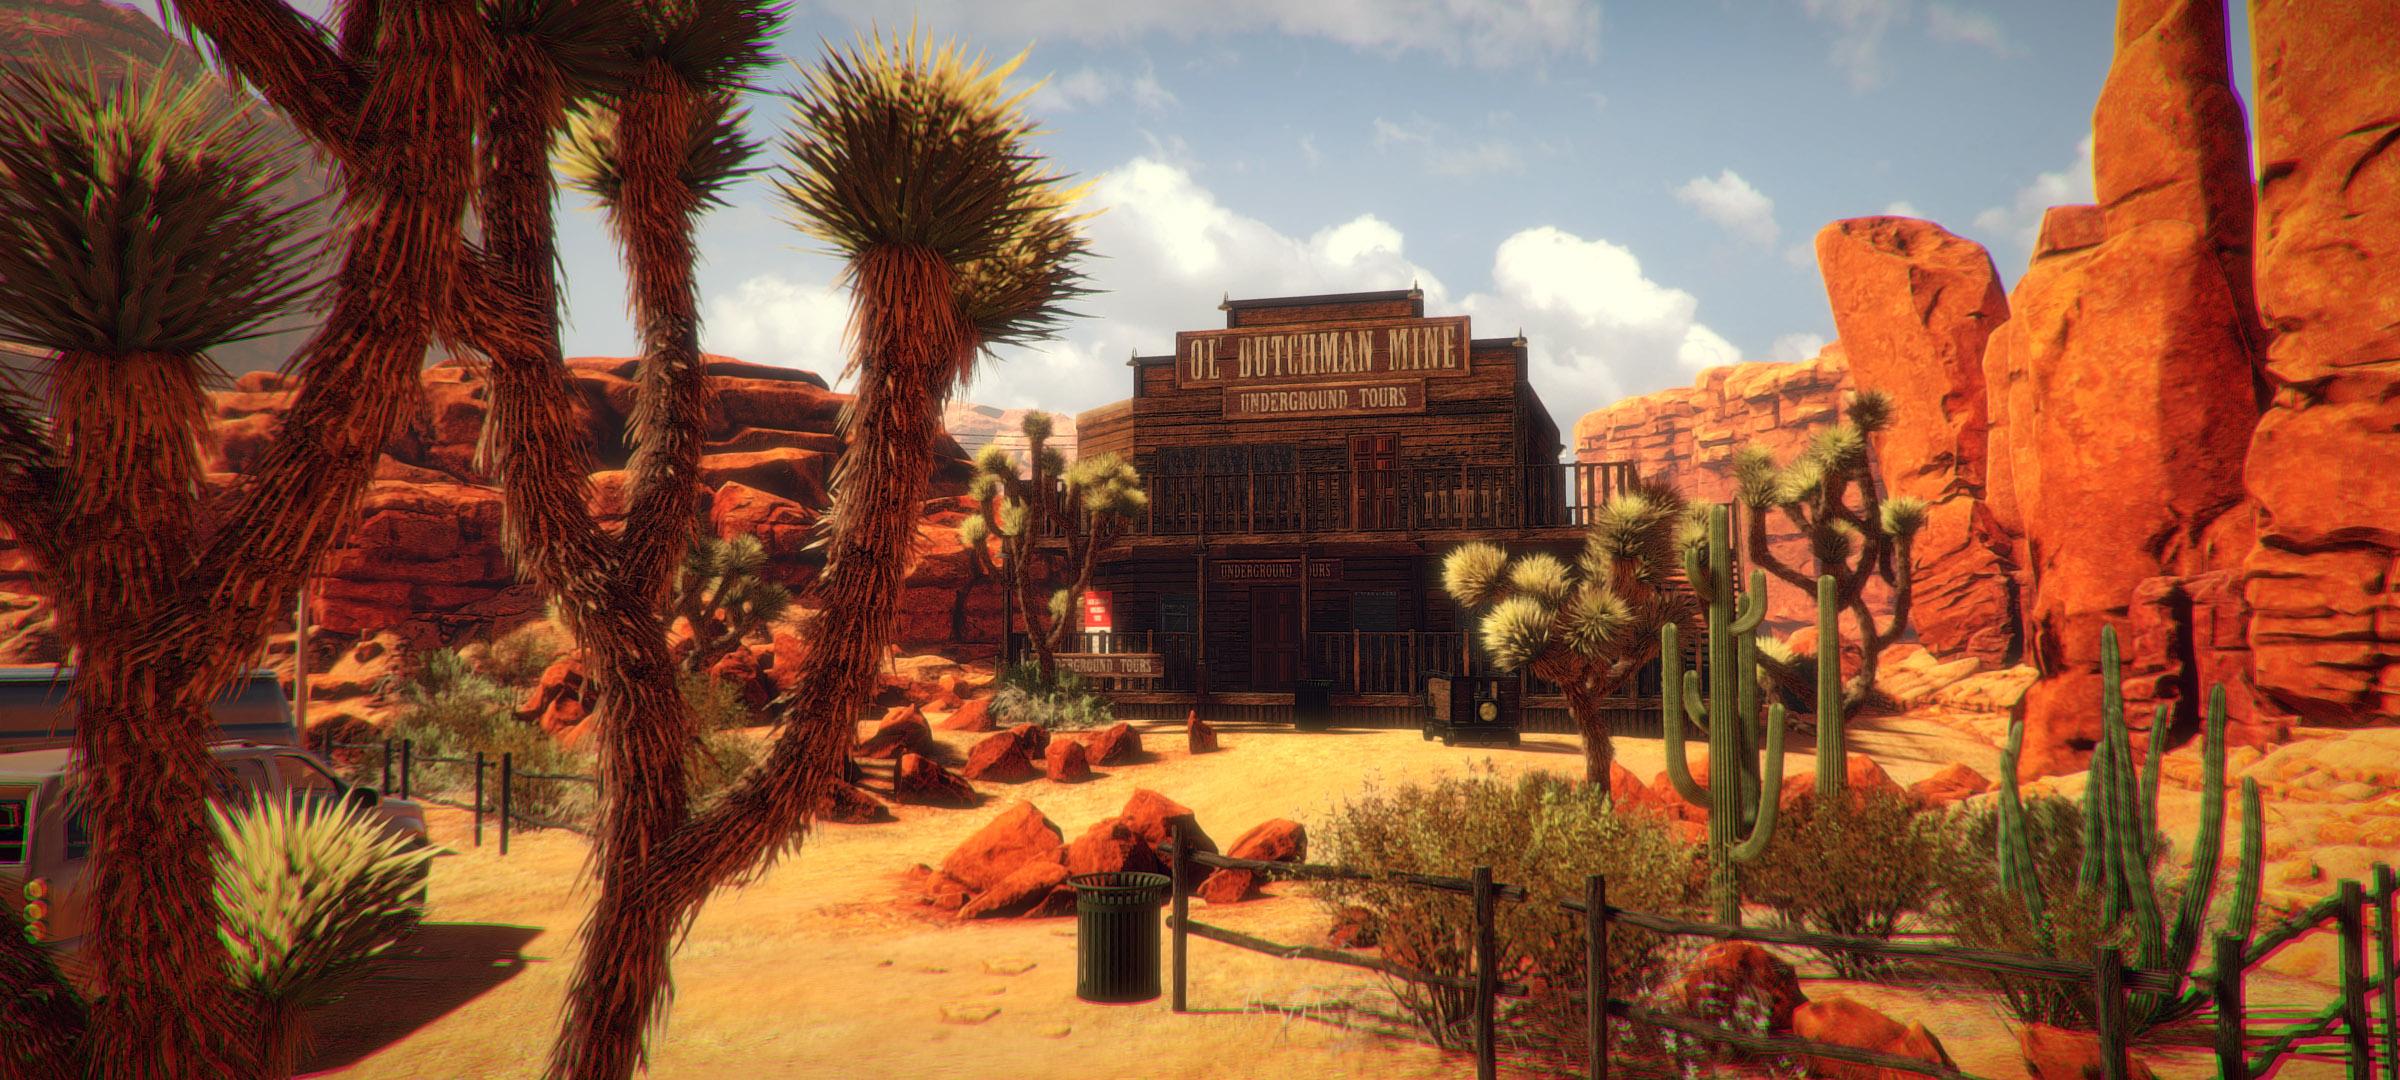 arizona sunshine paysage désertique, bâtiment au milieu des cactus